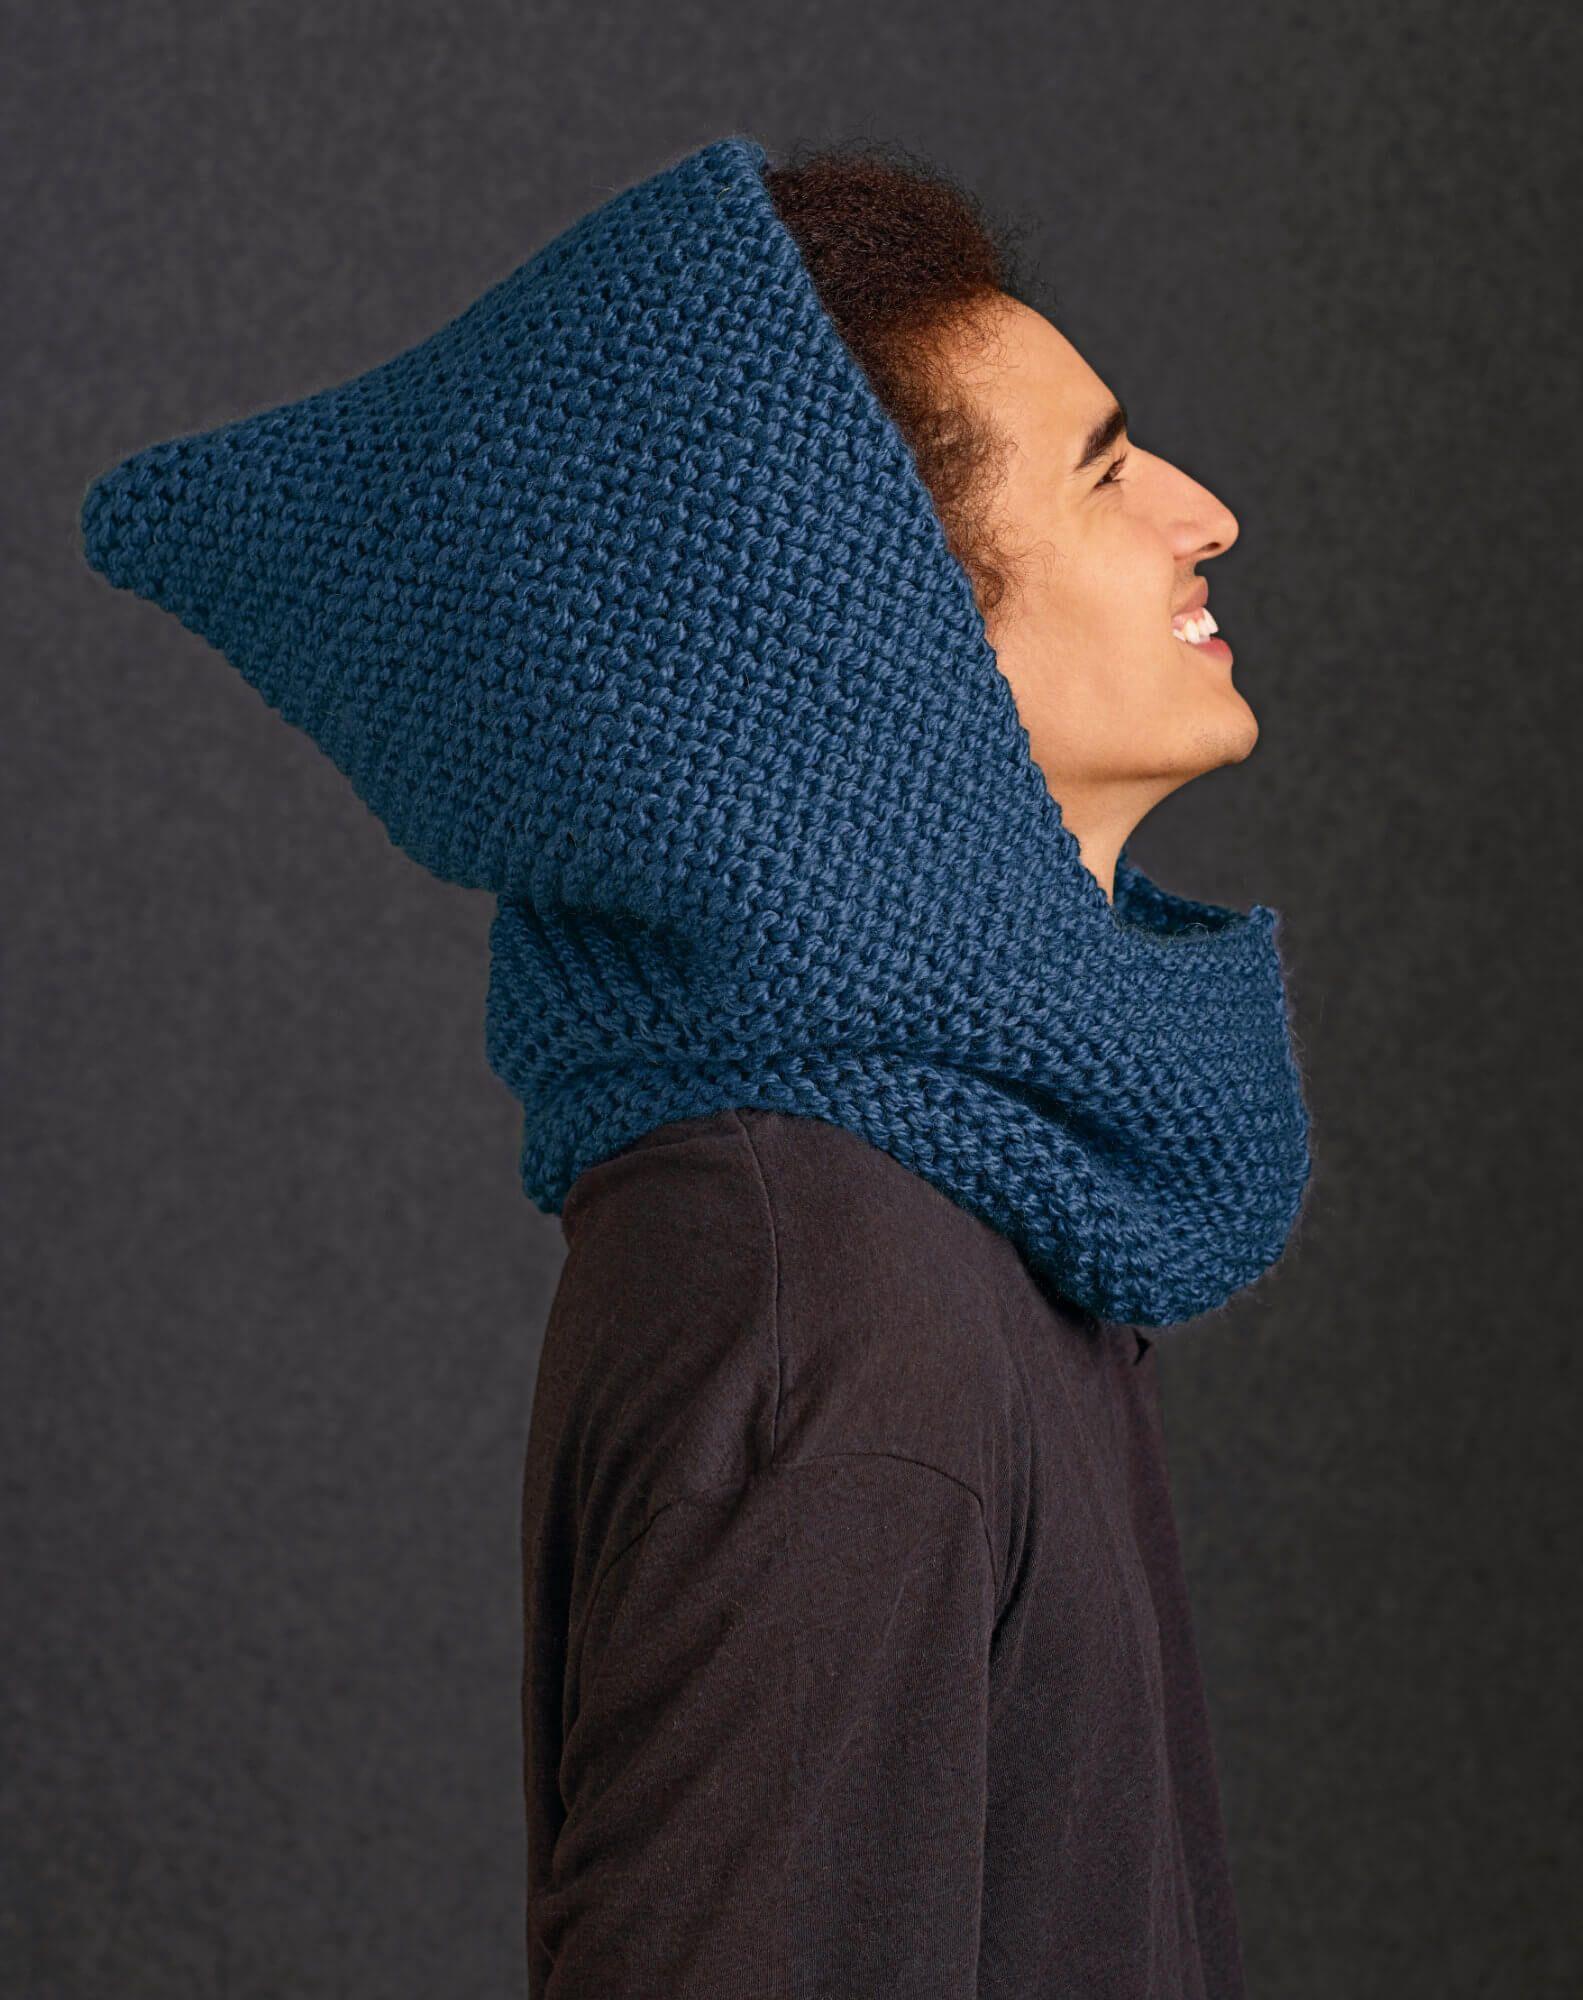 Scoodie Kapuzenschal Für Sie Und Ihn Crochet Wraps Stricken